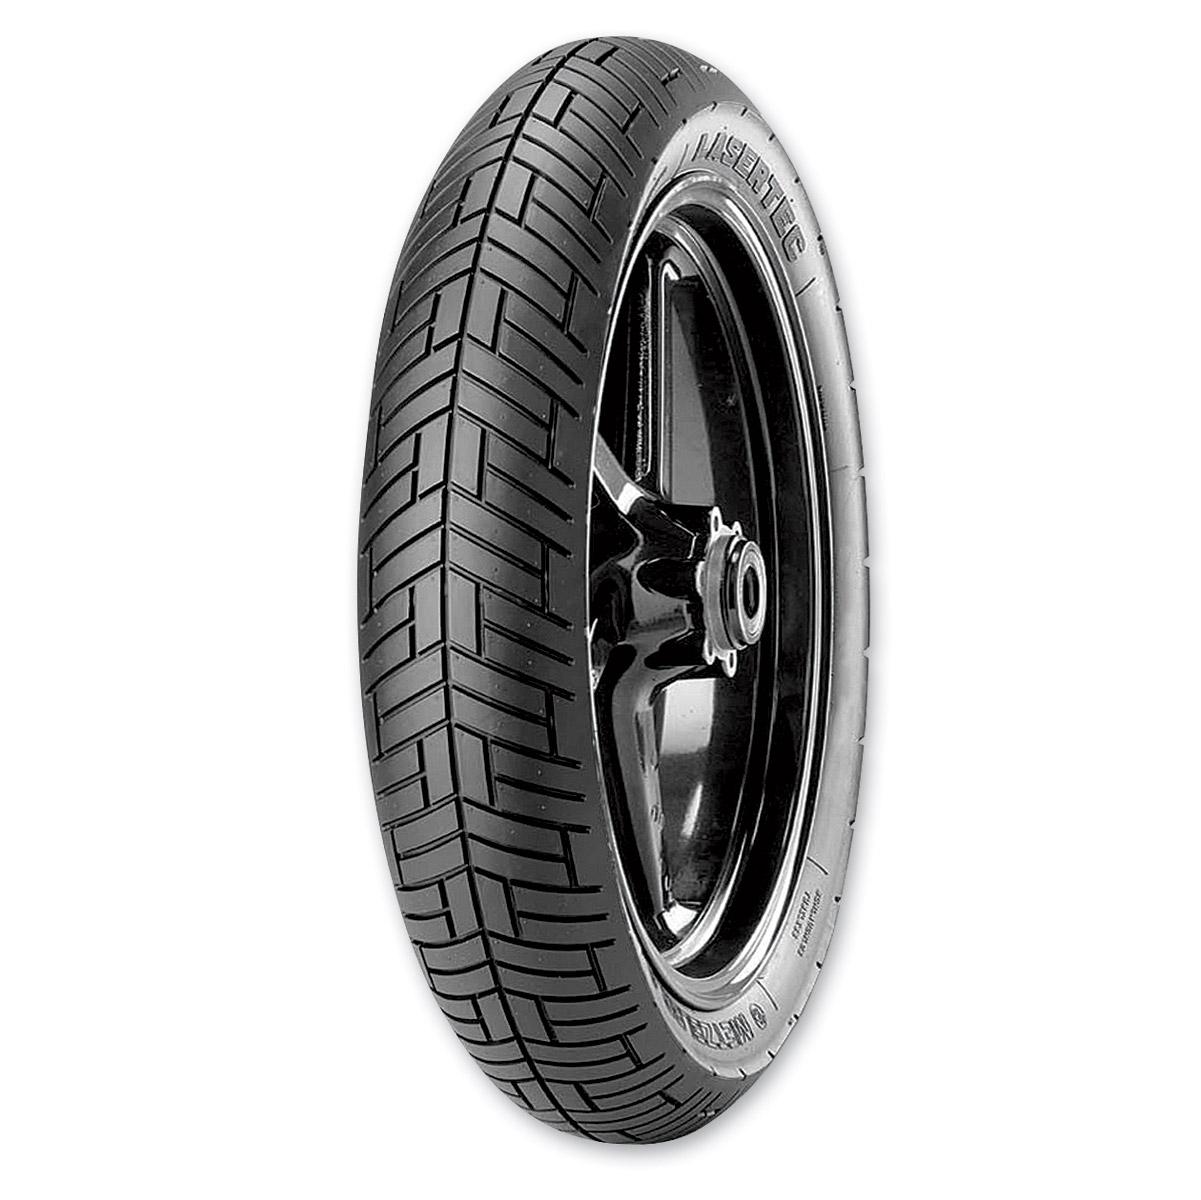 Metzeler Lasertec 120/70-17 Front Tire